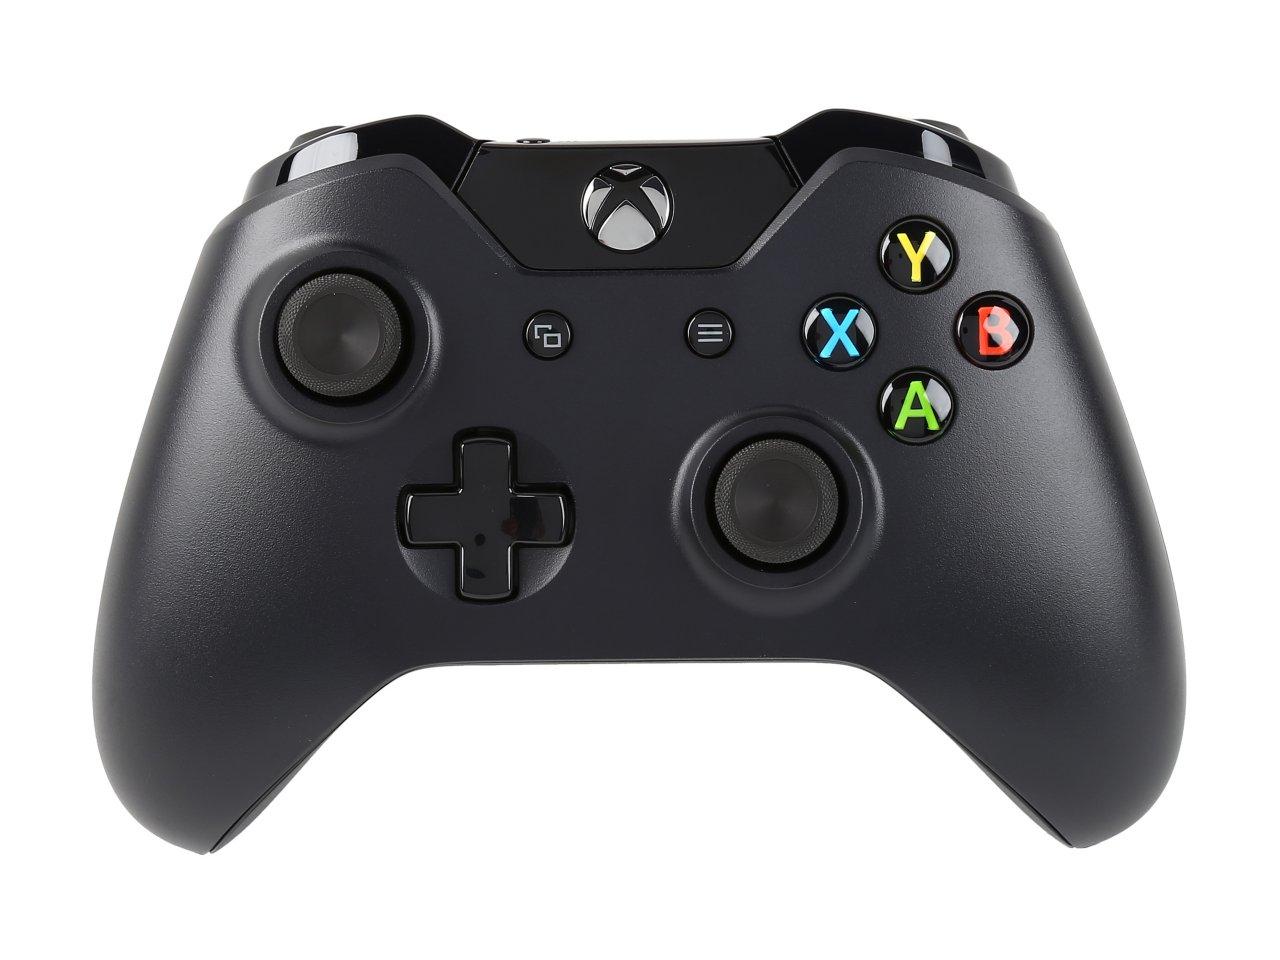 Microsoft Xbox One Wireless Controller w/ 3.5mm Headset Jack for $37.49 AC or Microsoft Xbox One Elite Wireless Controller for $119.99 AC & More @ Newegg.com